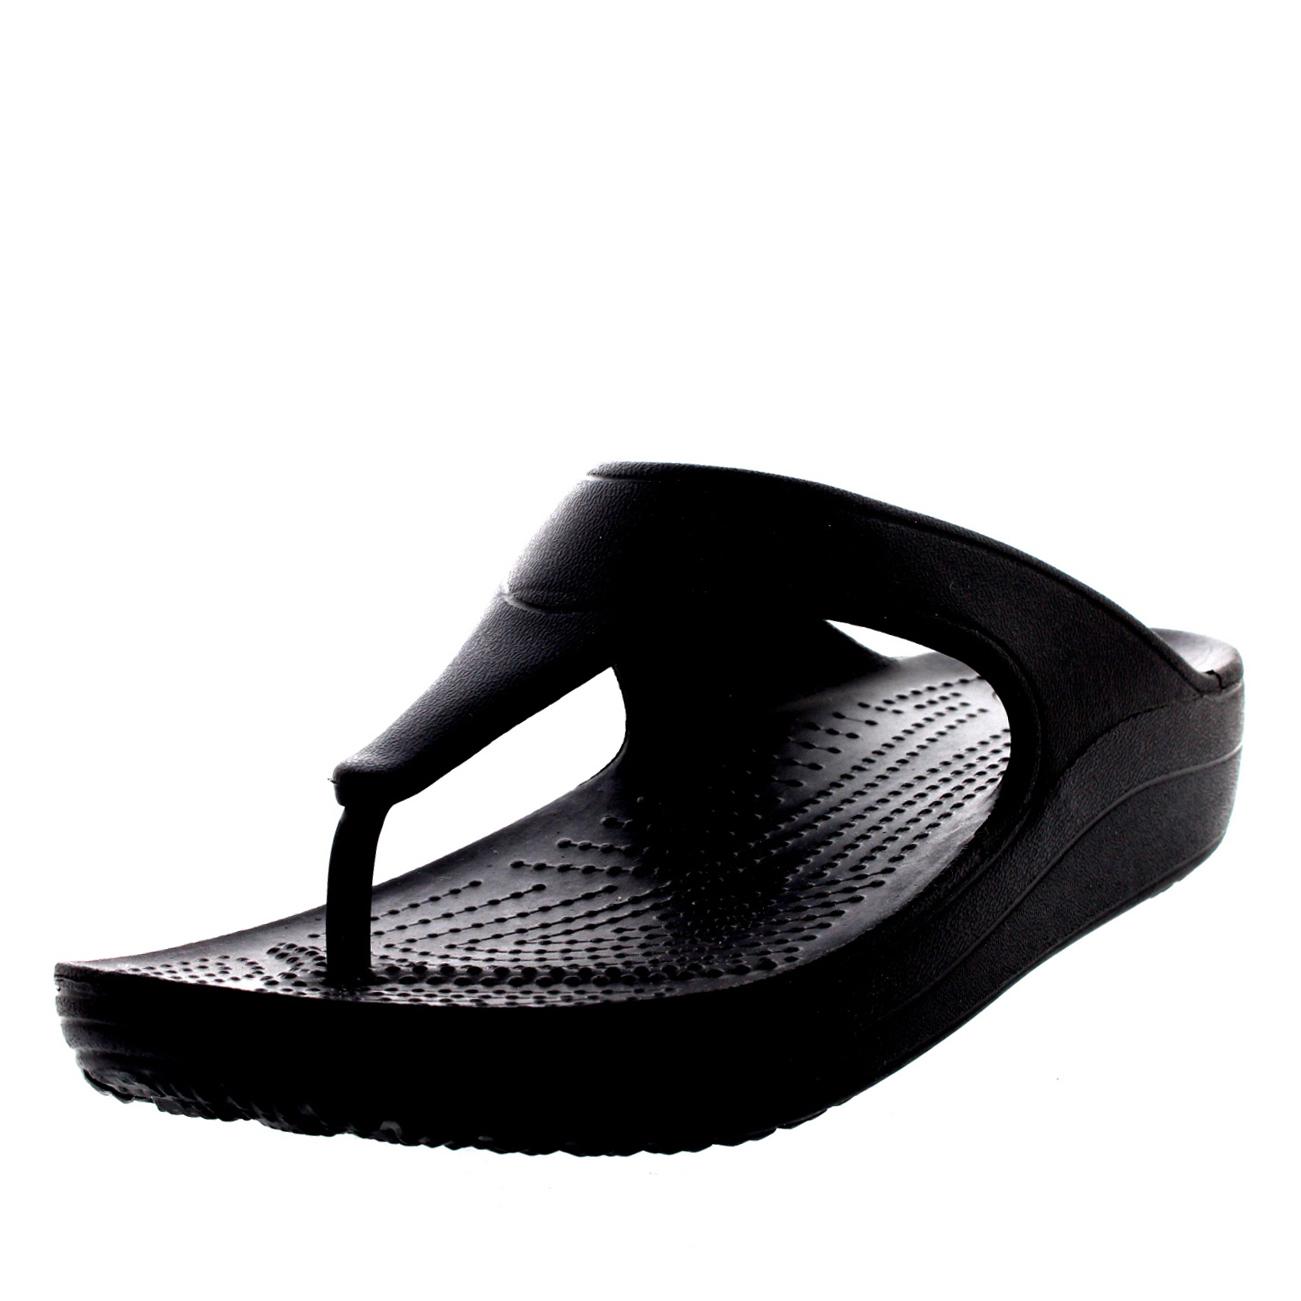 Chaussures femme Sandalettes et tongs Crocs Sloane Platform Flip CZMQXiQ7